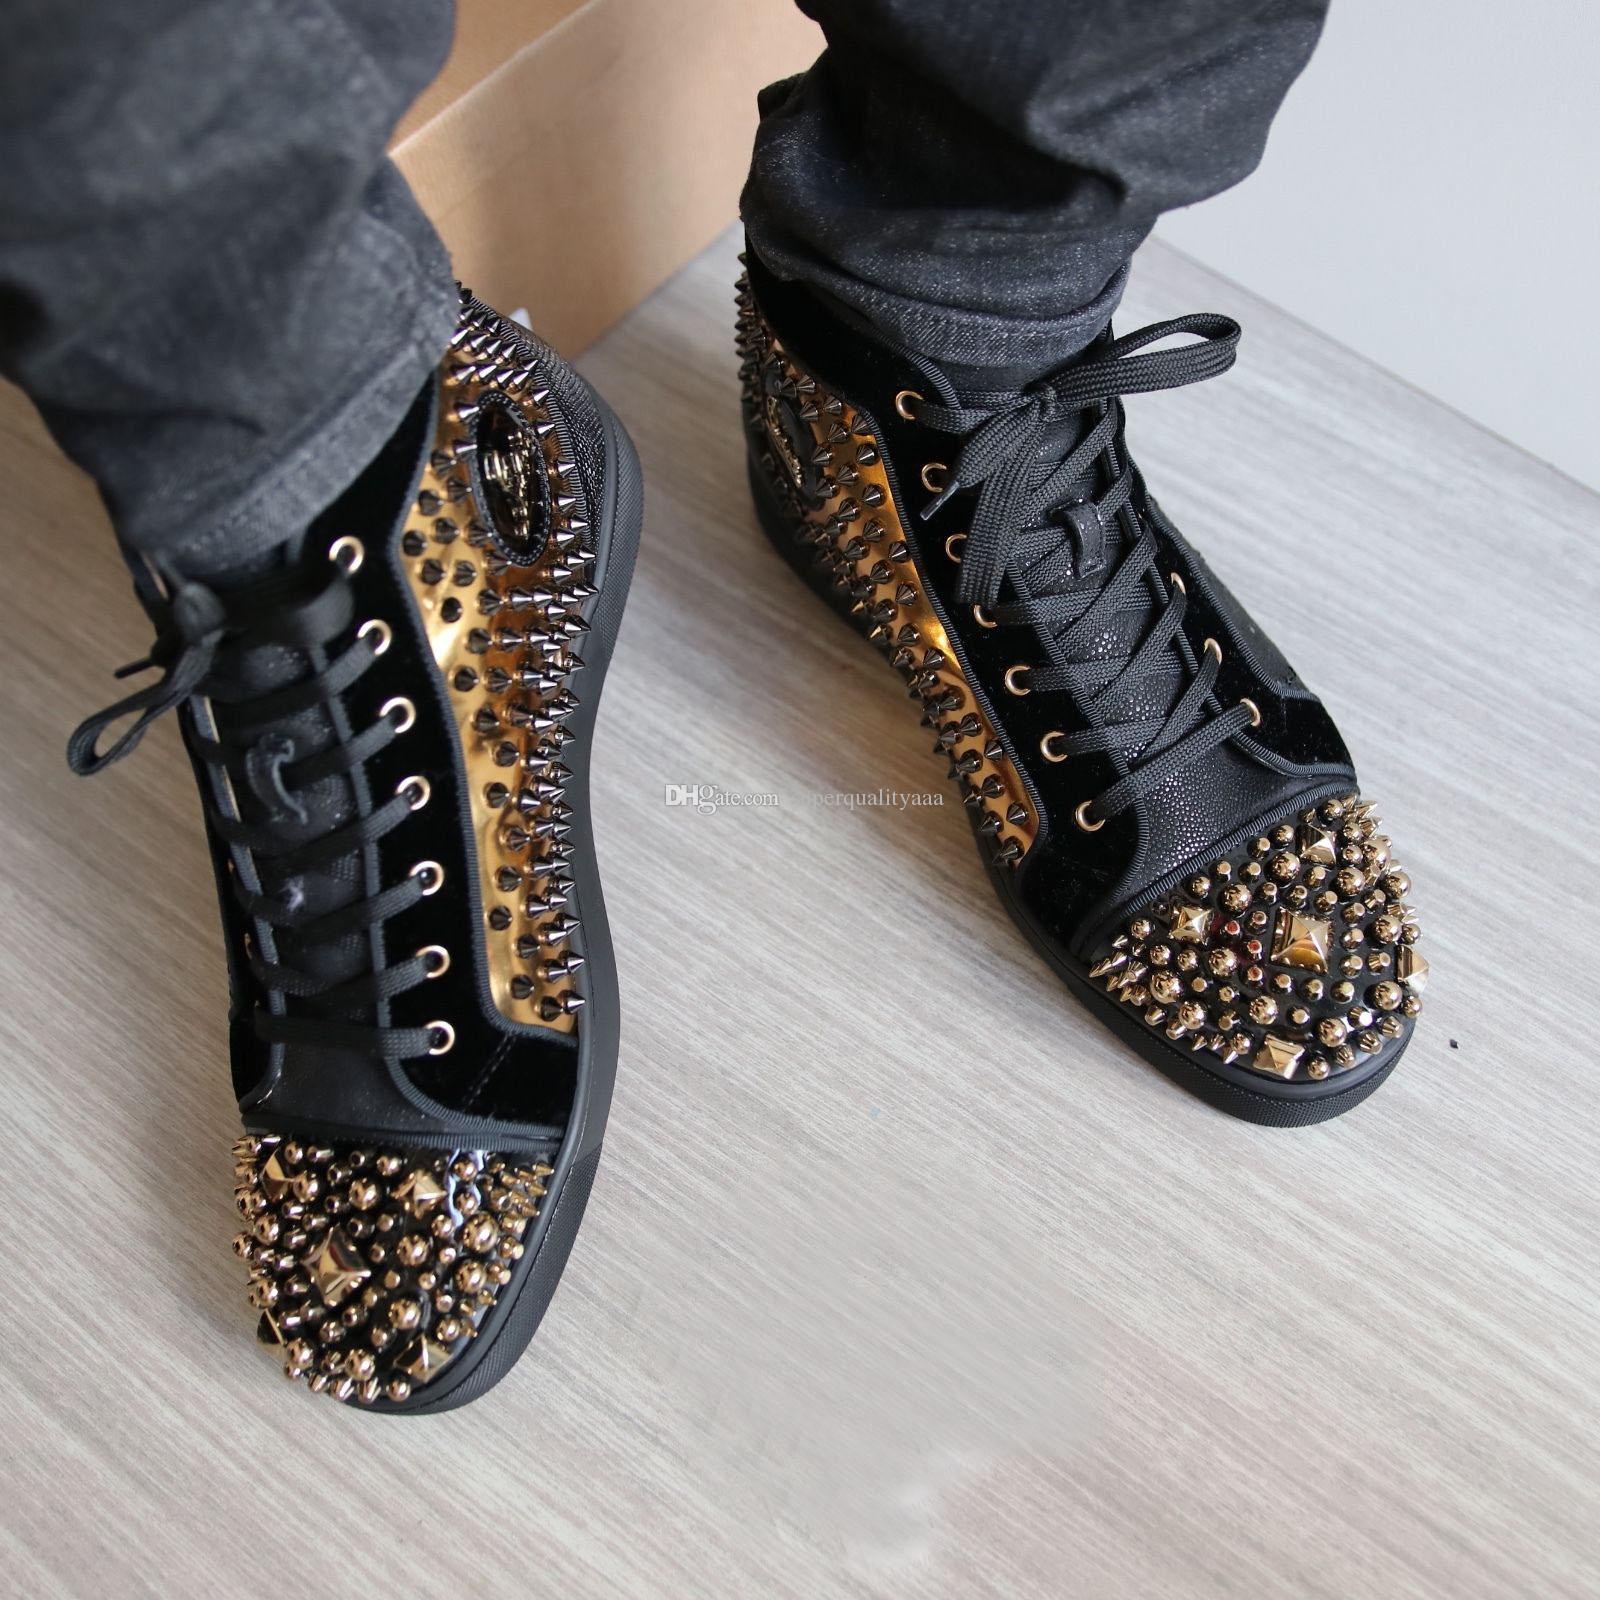 Yüksek Kalite Altın Erkekler Parti Düğün Ayakkabı Için Çivili Sneakers Ayakkabı, ünlü SpikesBeads Kırmızı Alt Sneaker Yüksek Üst Parti Tasarımcısı 35-47